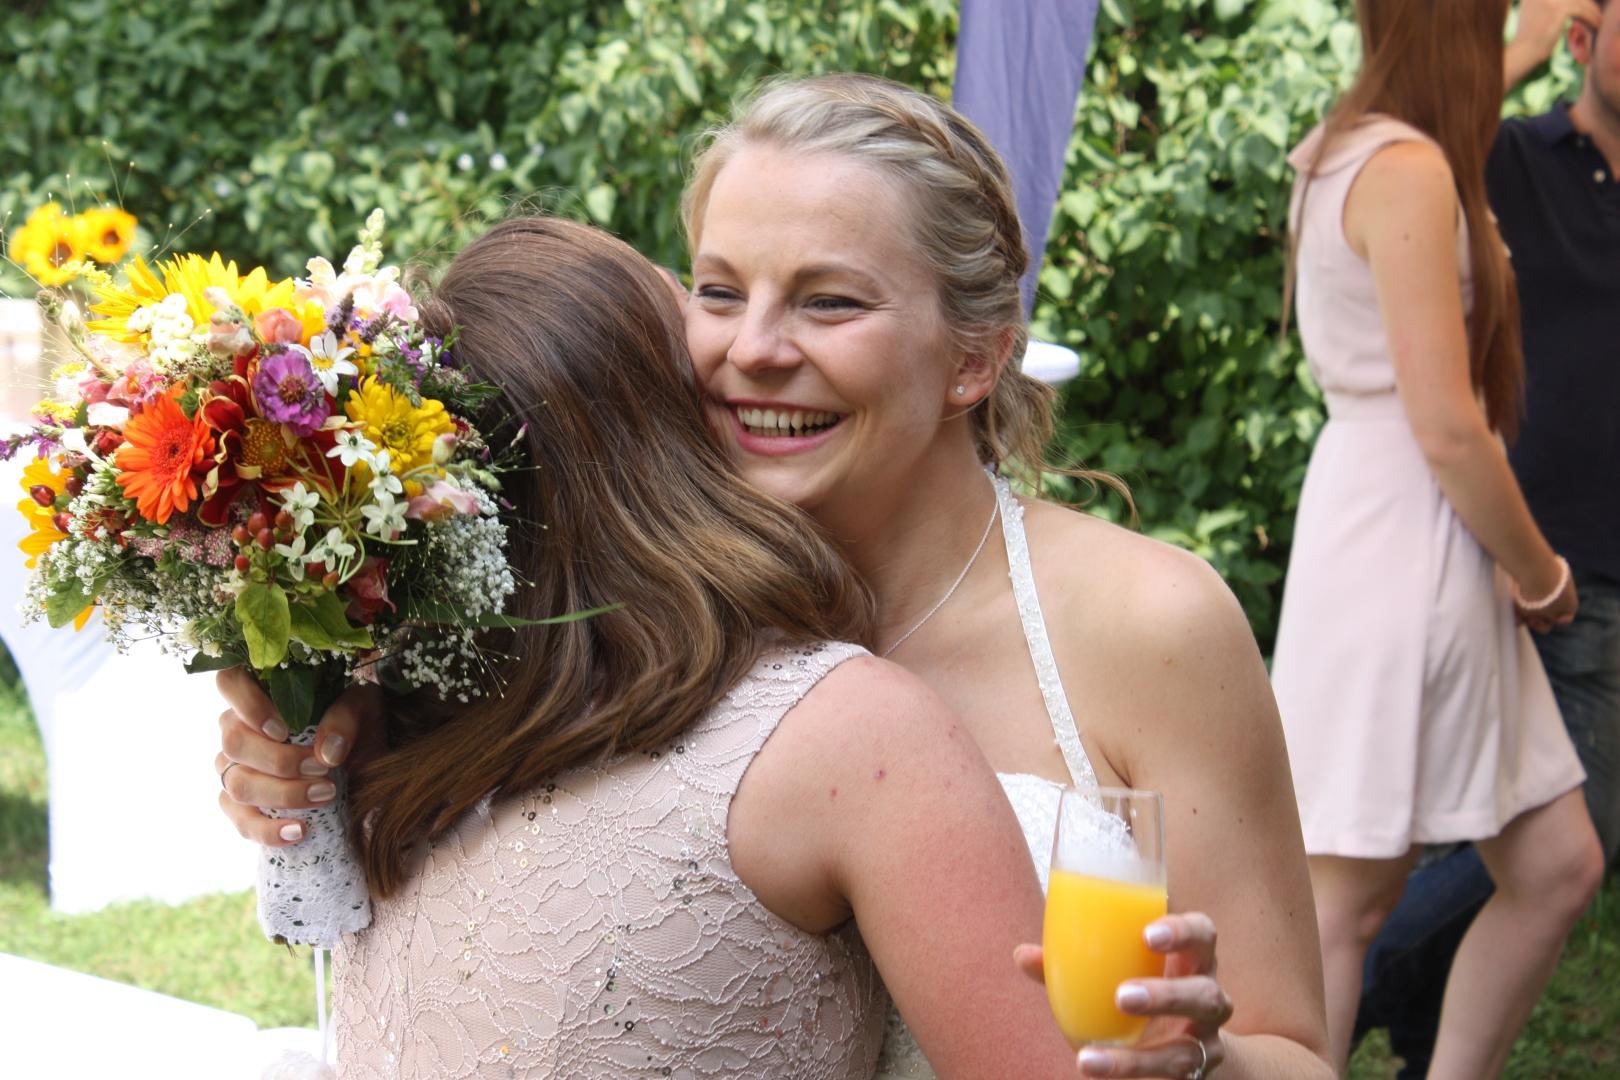 Hochzeit Sarah und Patrick - 5 Weißt du wie glücklich ich bin?